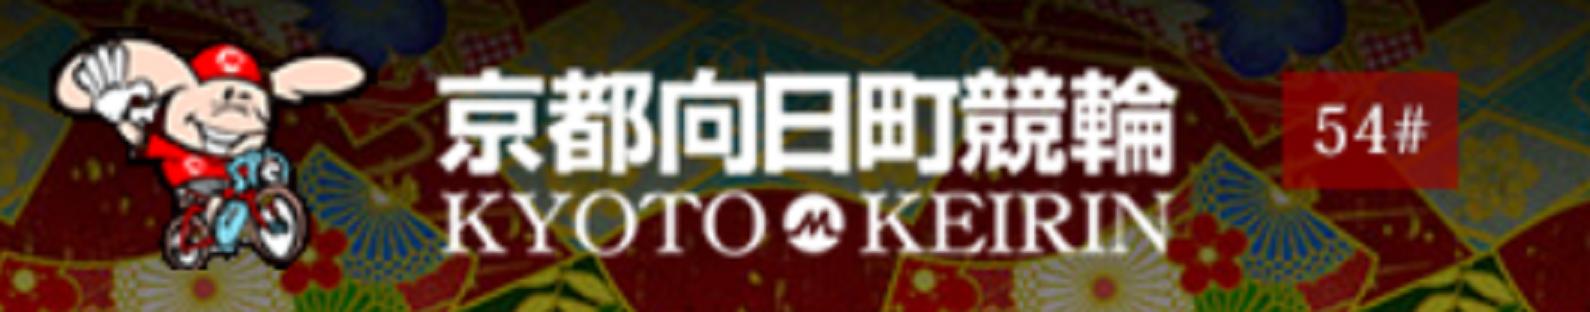 京都向日町競輪ライブ